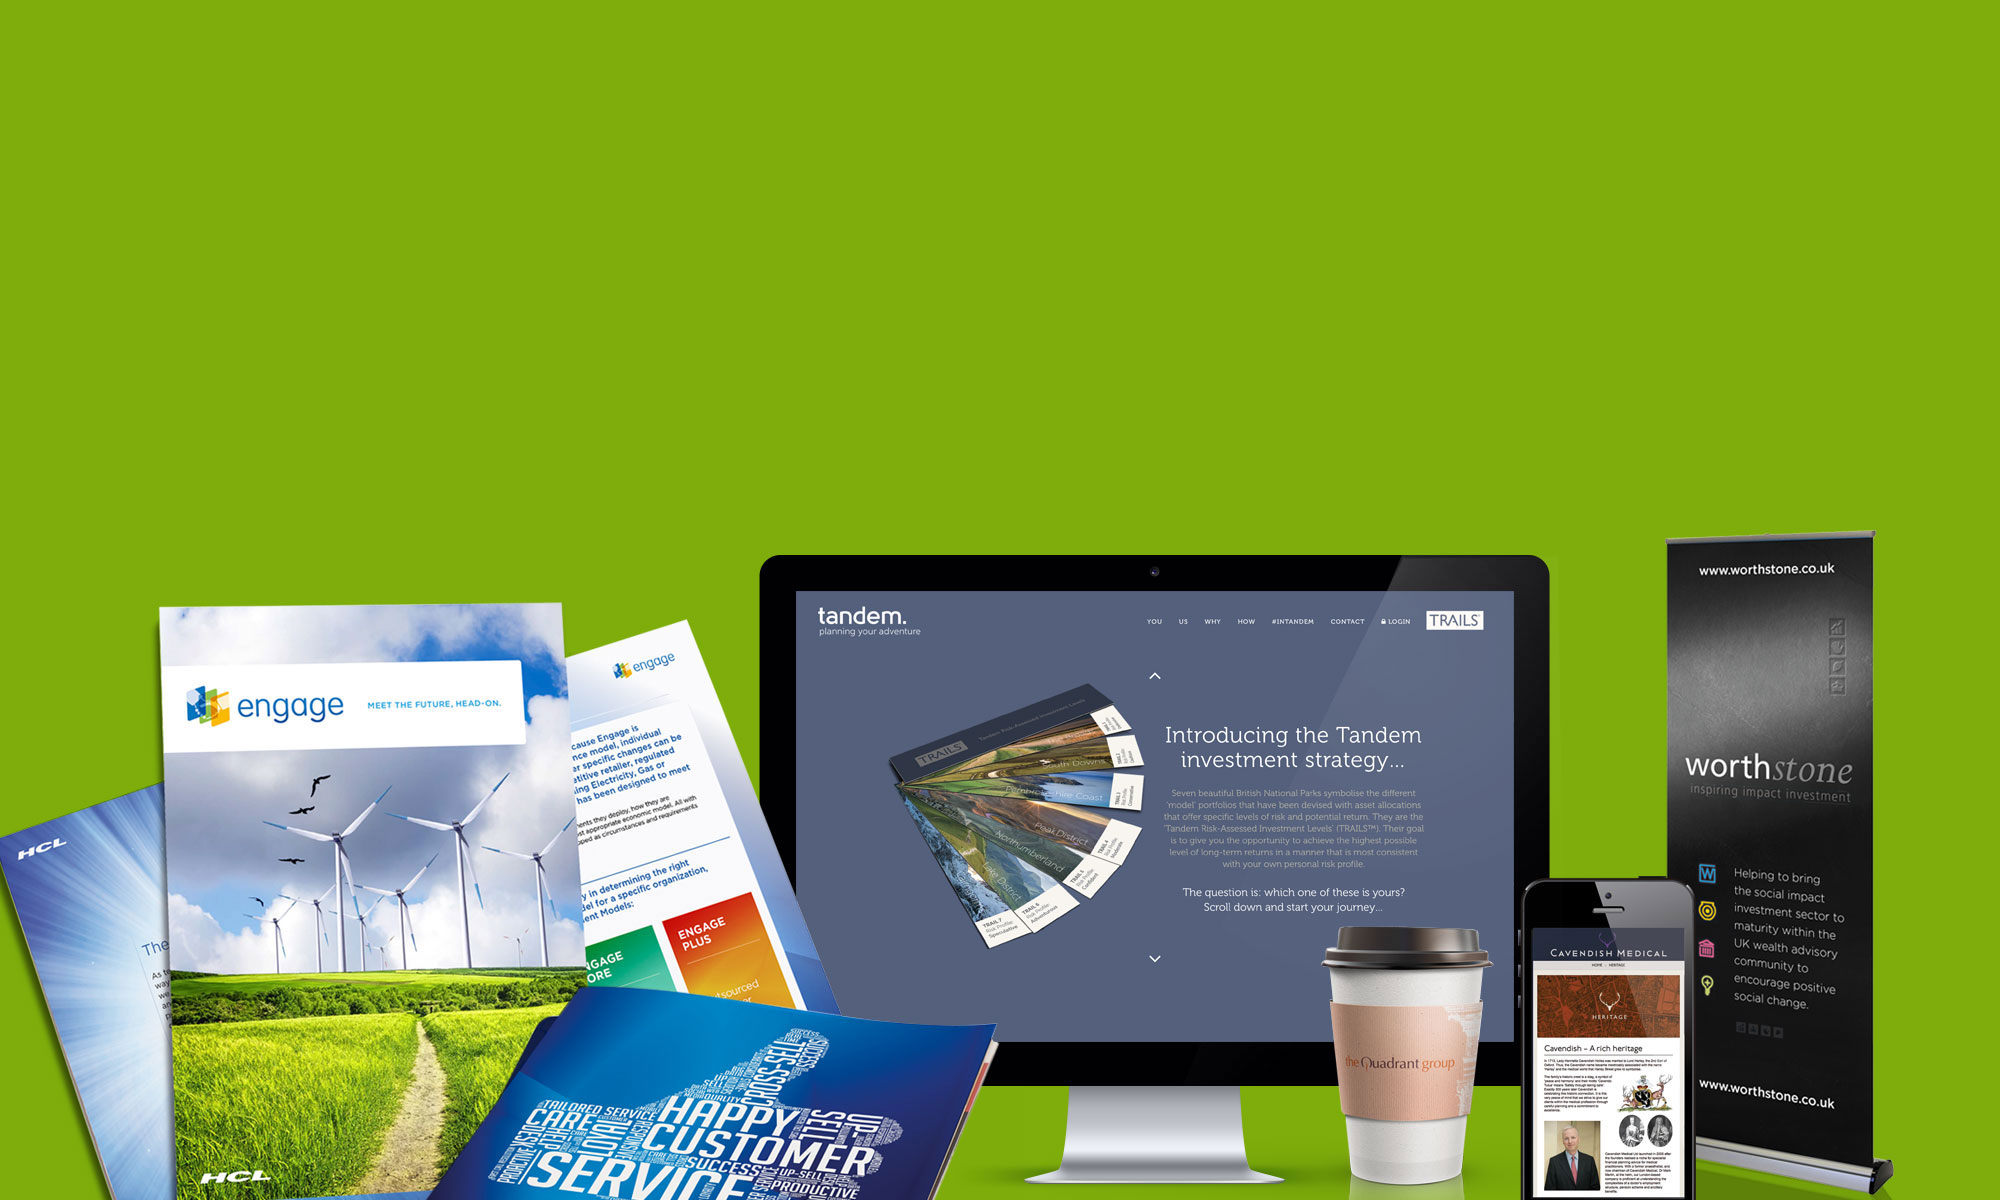 service-graphicdesign-4